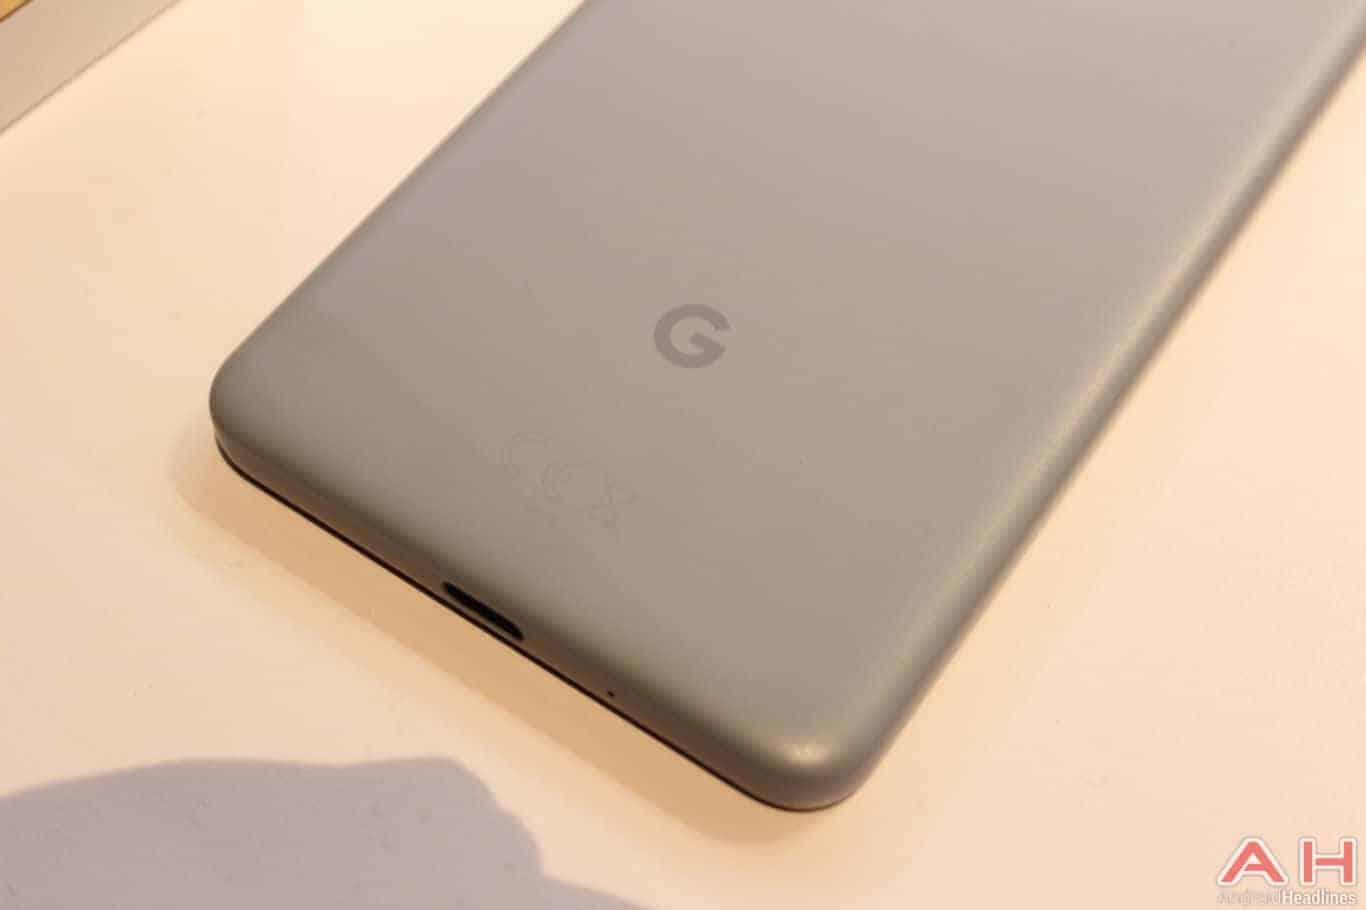 Google Pixel 2 Hands On AH 12